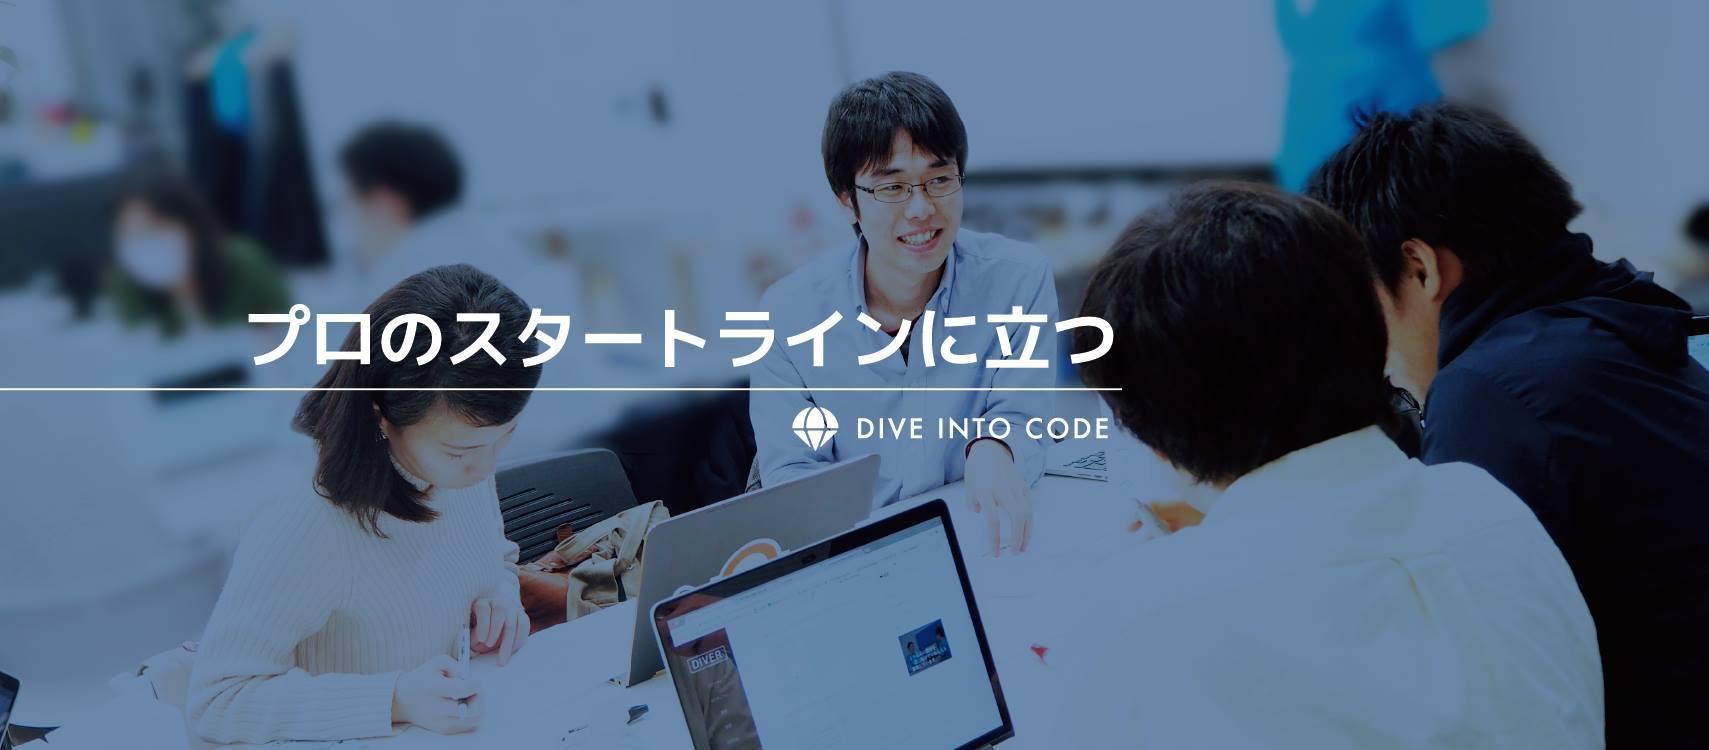 プログラミングスクール「DIVE INTO CODE」で使われているオンライン学習サービスのPythonでの機械学習のアドバイザー業務